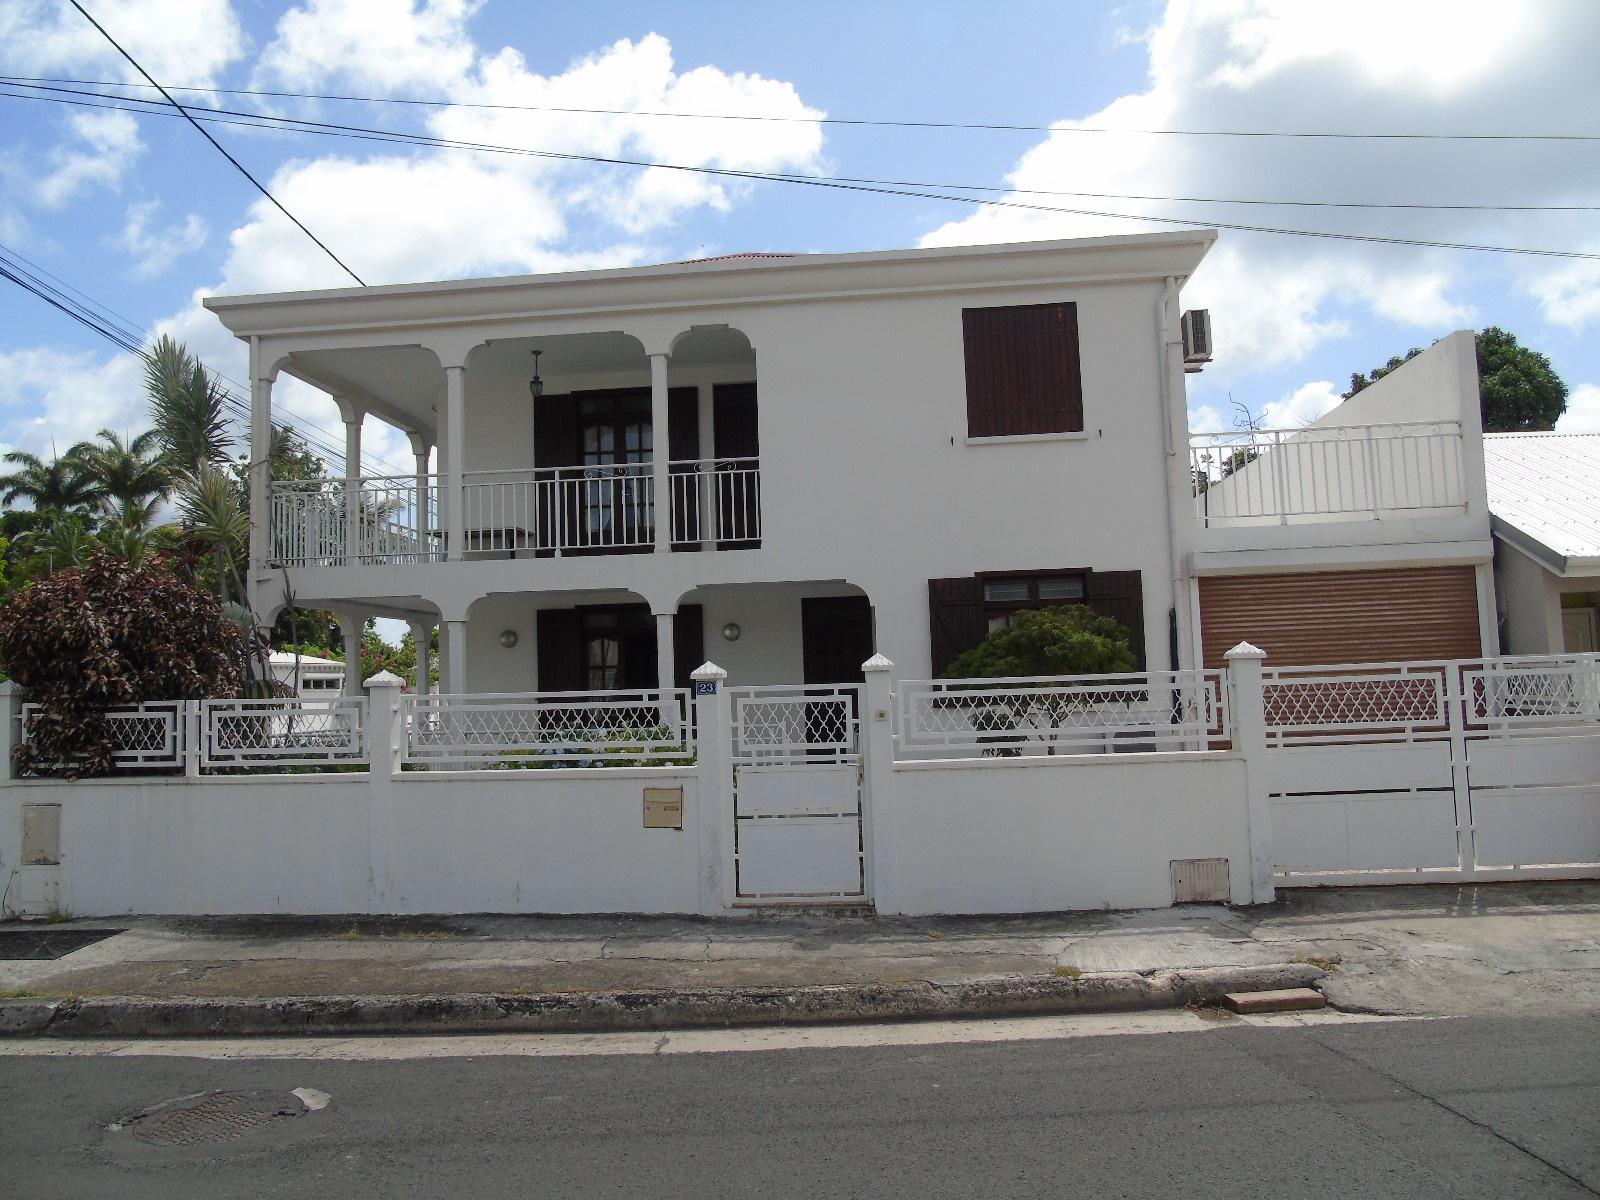 Maisons vendre sur port louis 97117 2 r cemment ajout es - Maison a vendre port louis ...